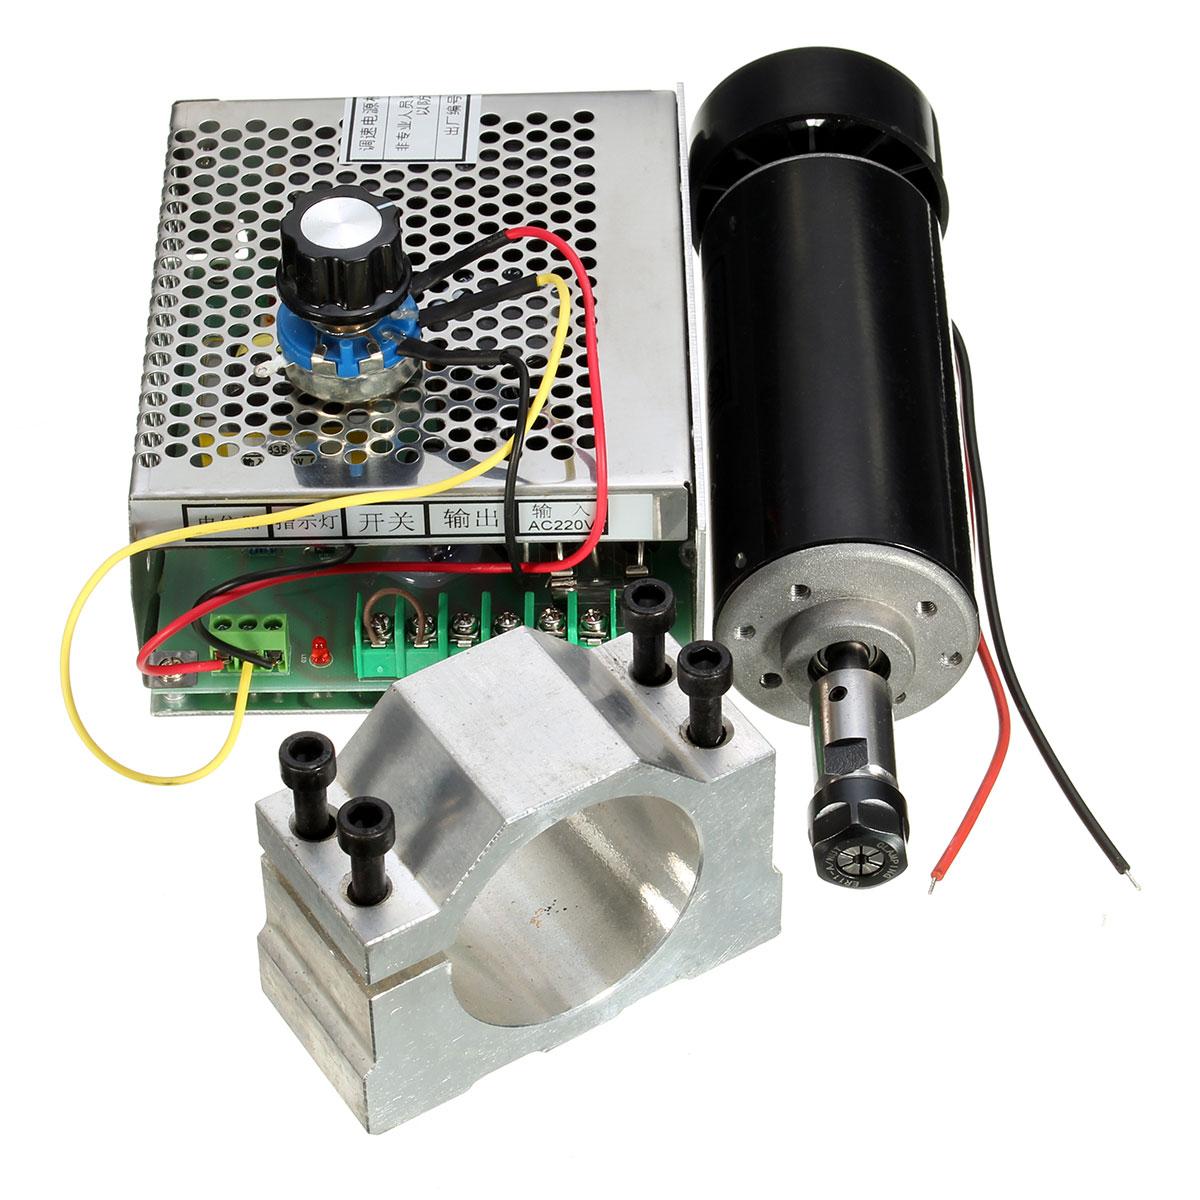 500 Вт с воздушным охлаждением Шпиндельный двигатель ER11 патрон 500 Вт шпиндель dc мотор и 52 мм зажимы и регулятор скорости электропитания для ЧП...